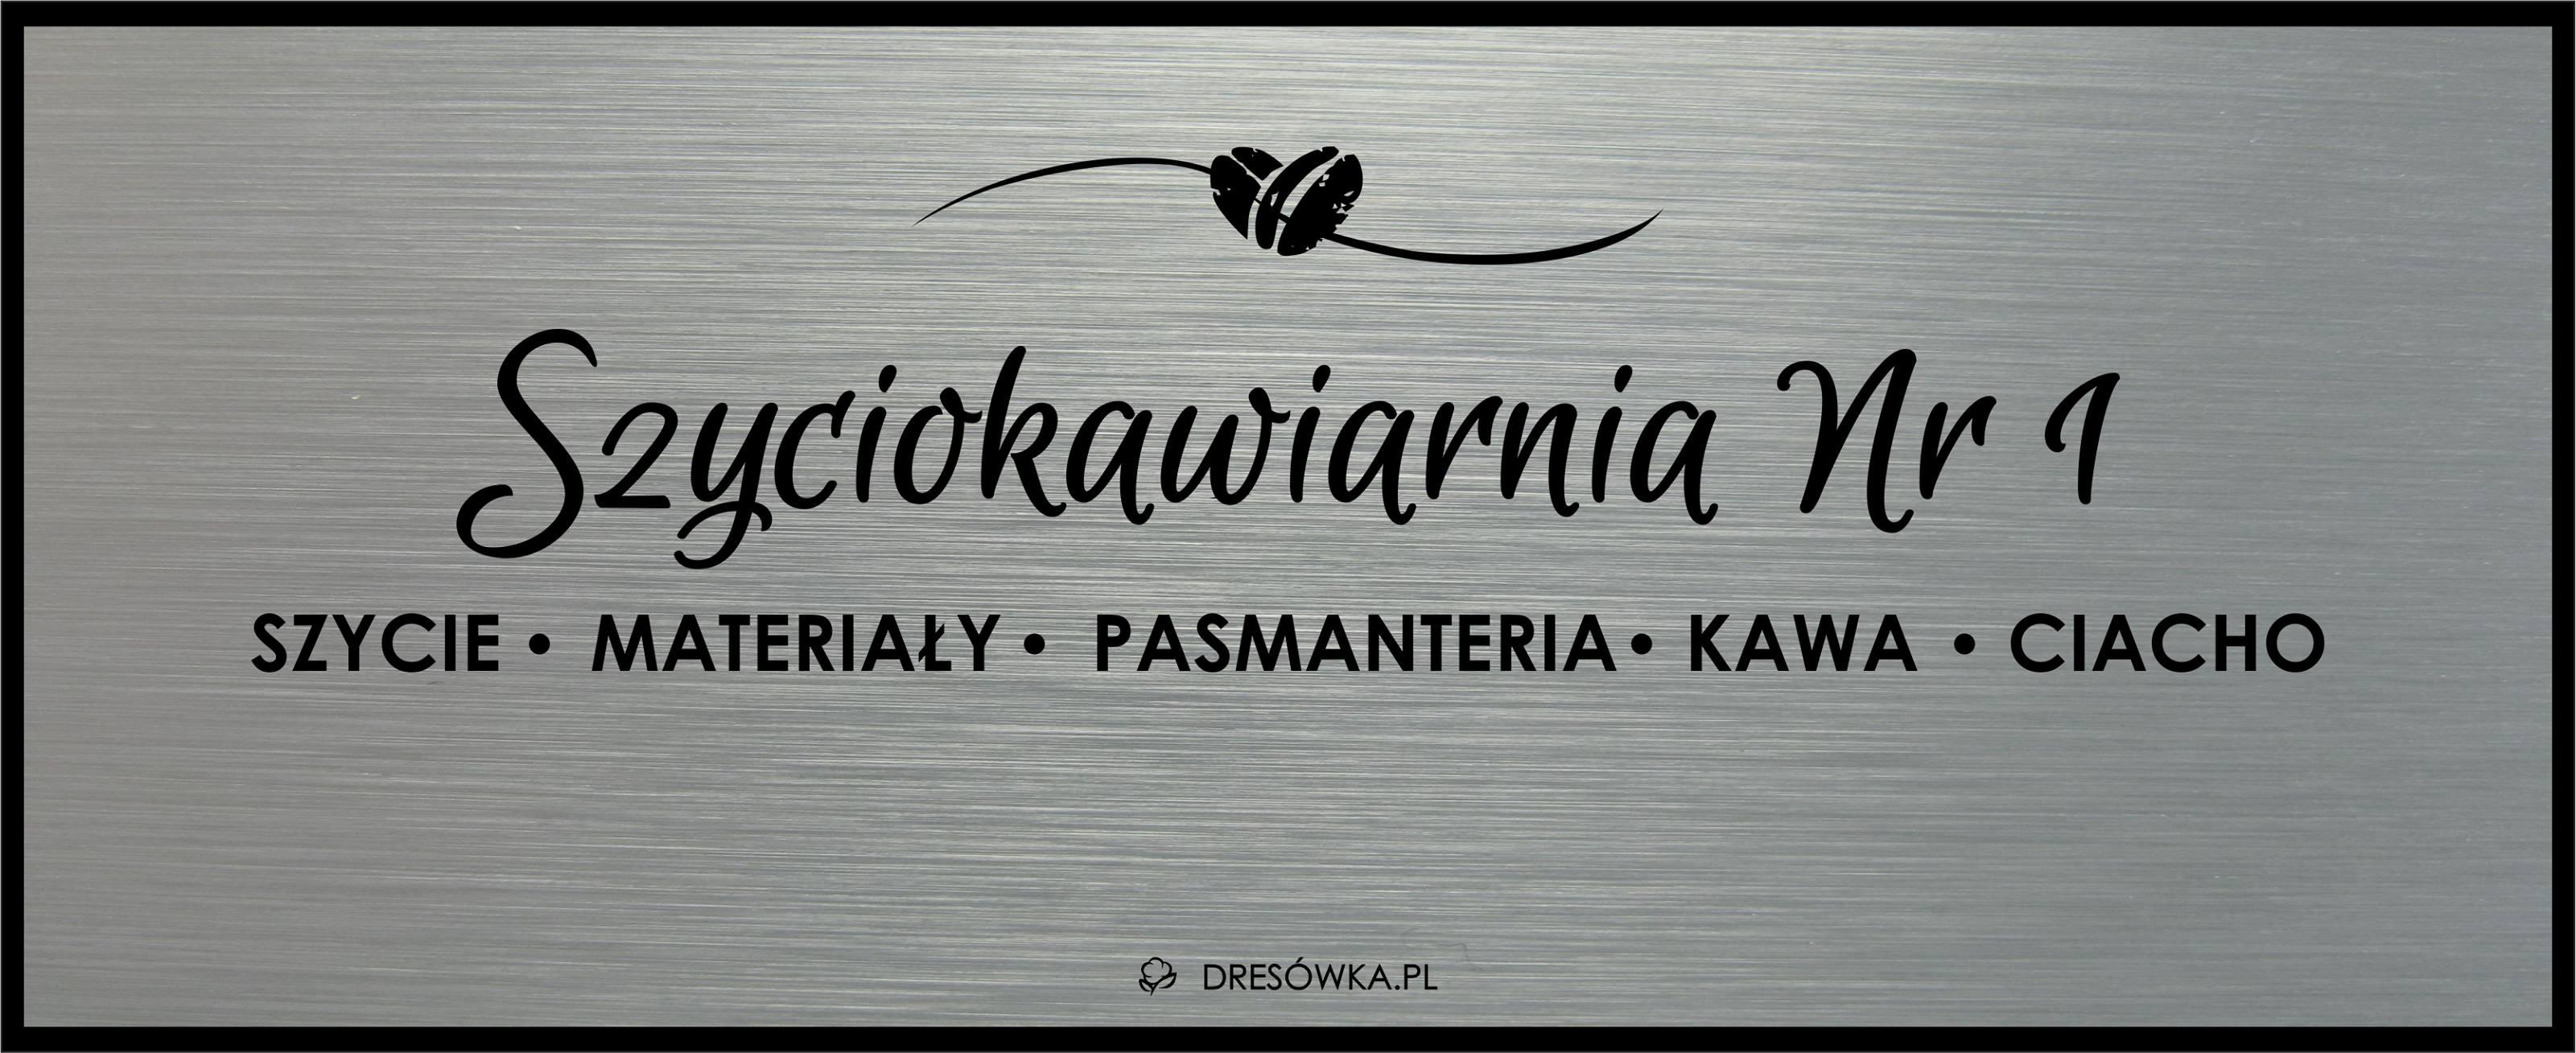 Szyciokawiarnia Wrocław